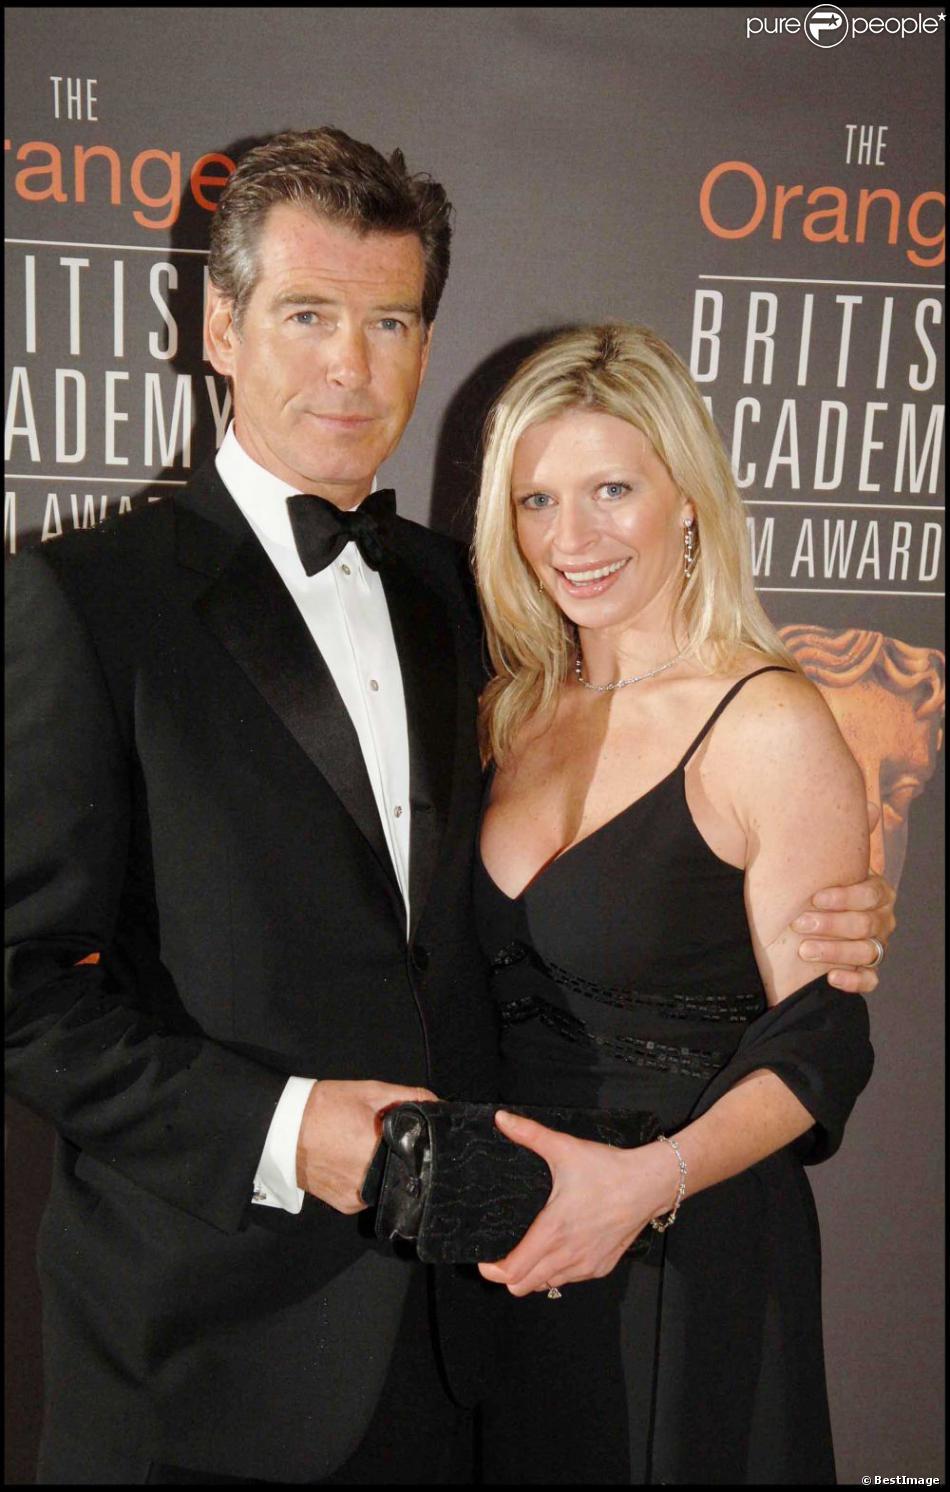 Pierce Brosnan et sa fille disparue Charlotte. En février 2006 à Londres